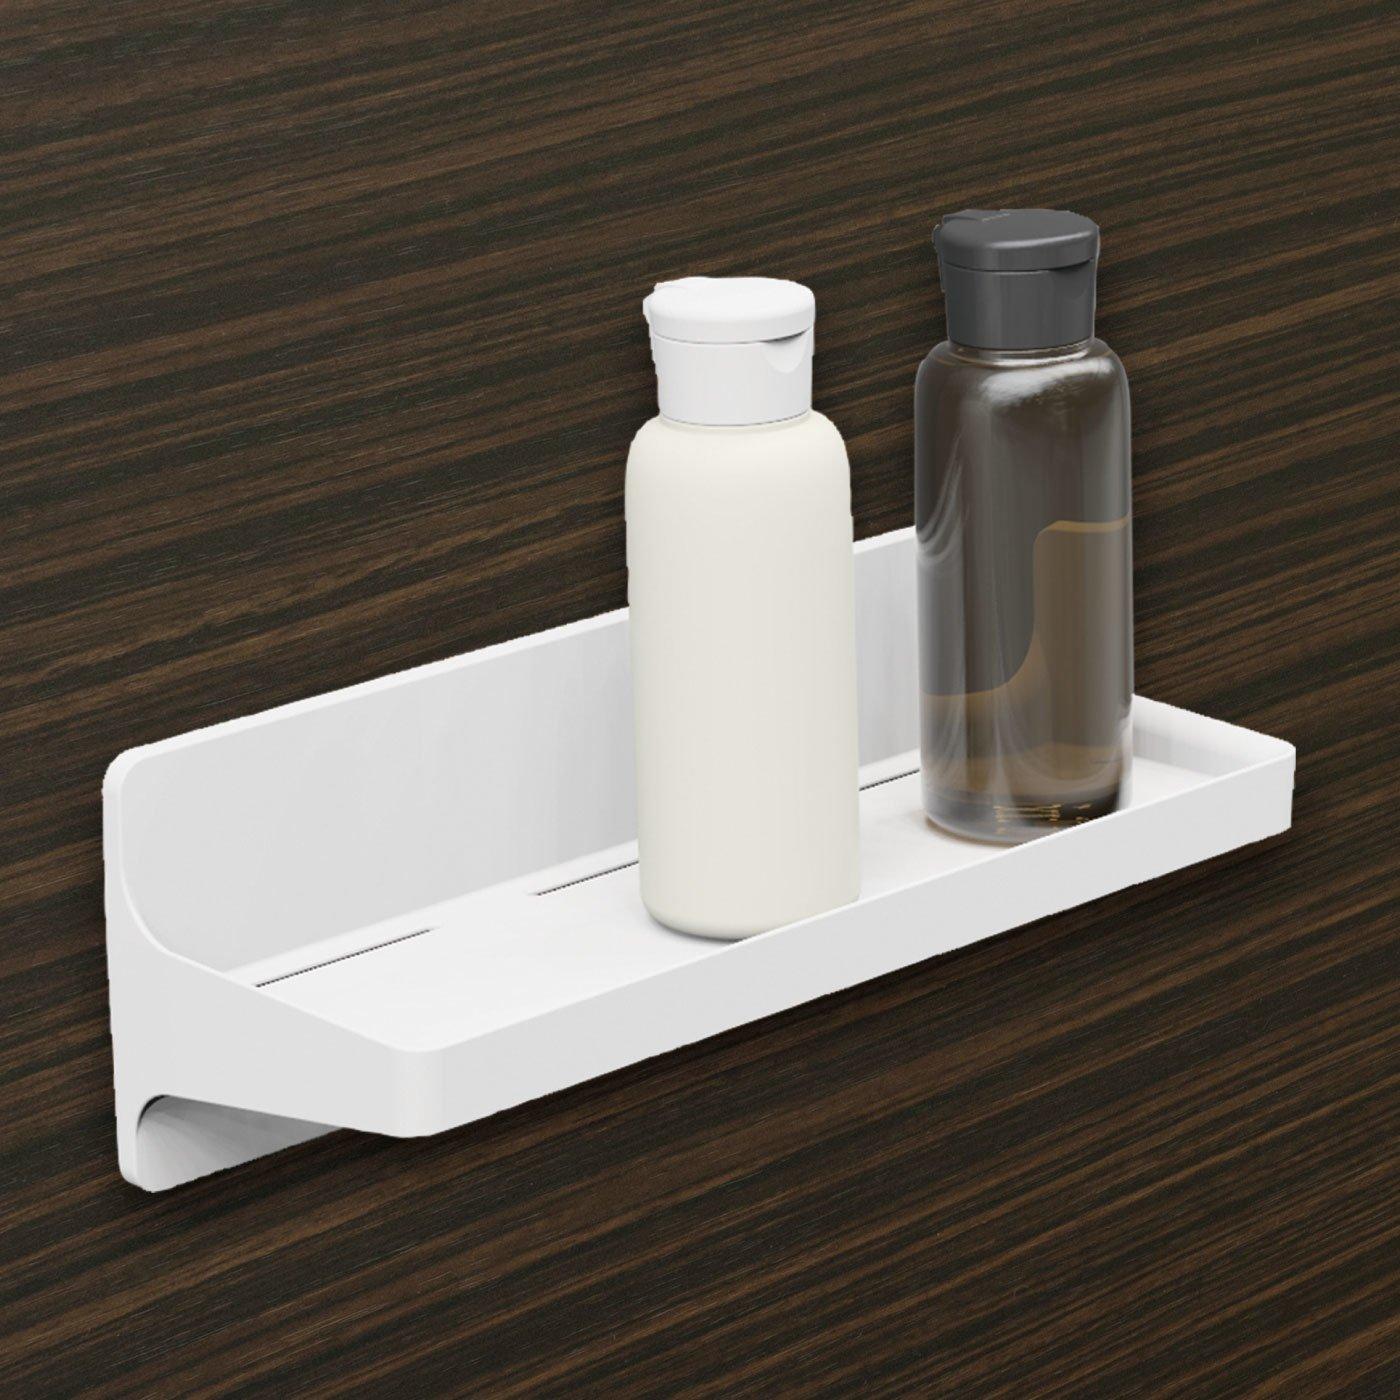 浴室の壁に貼り付く 磁着SQ マグネットバスミニシェルフ